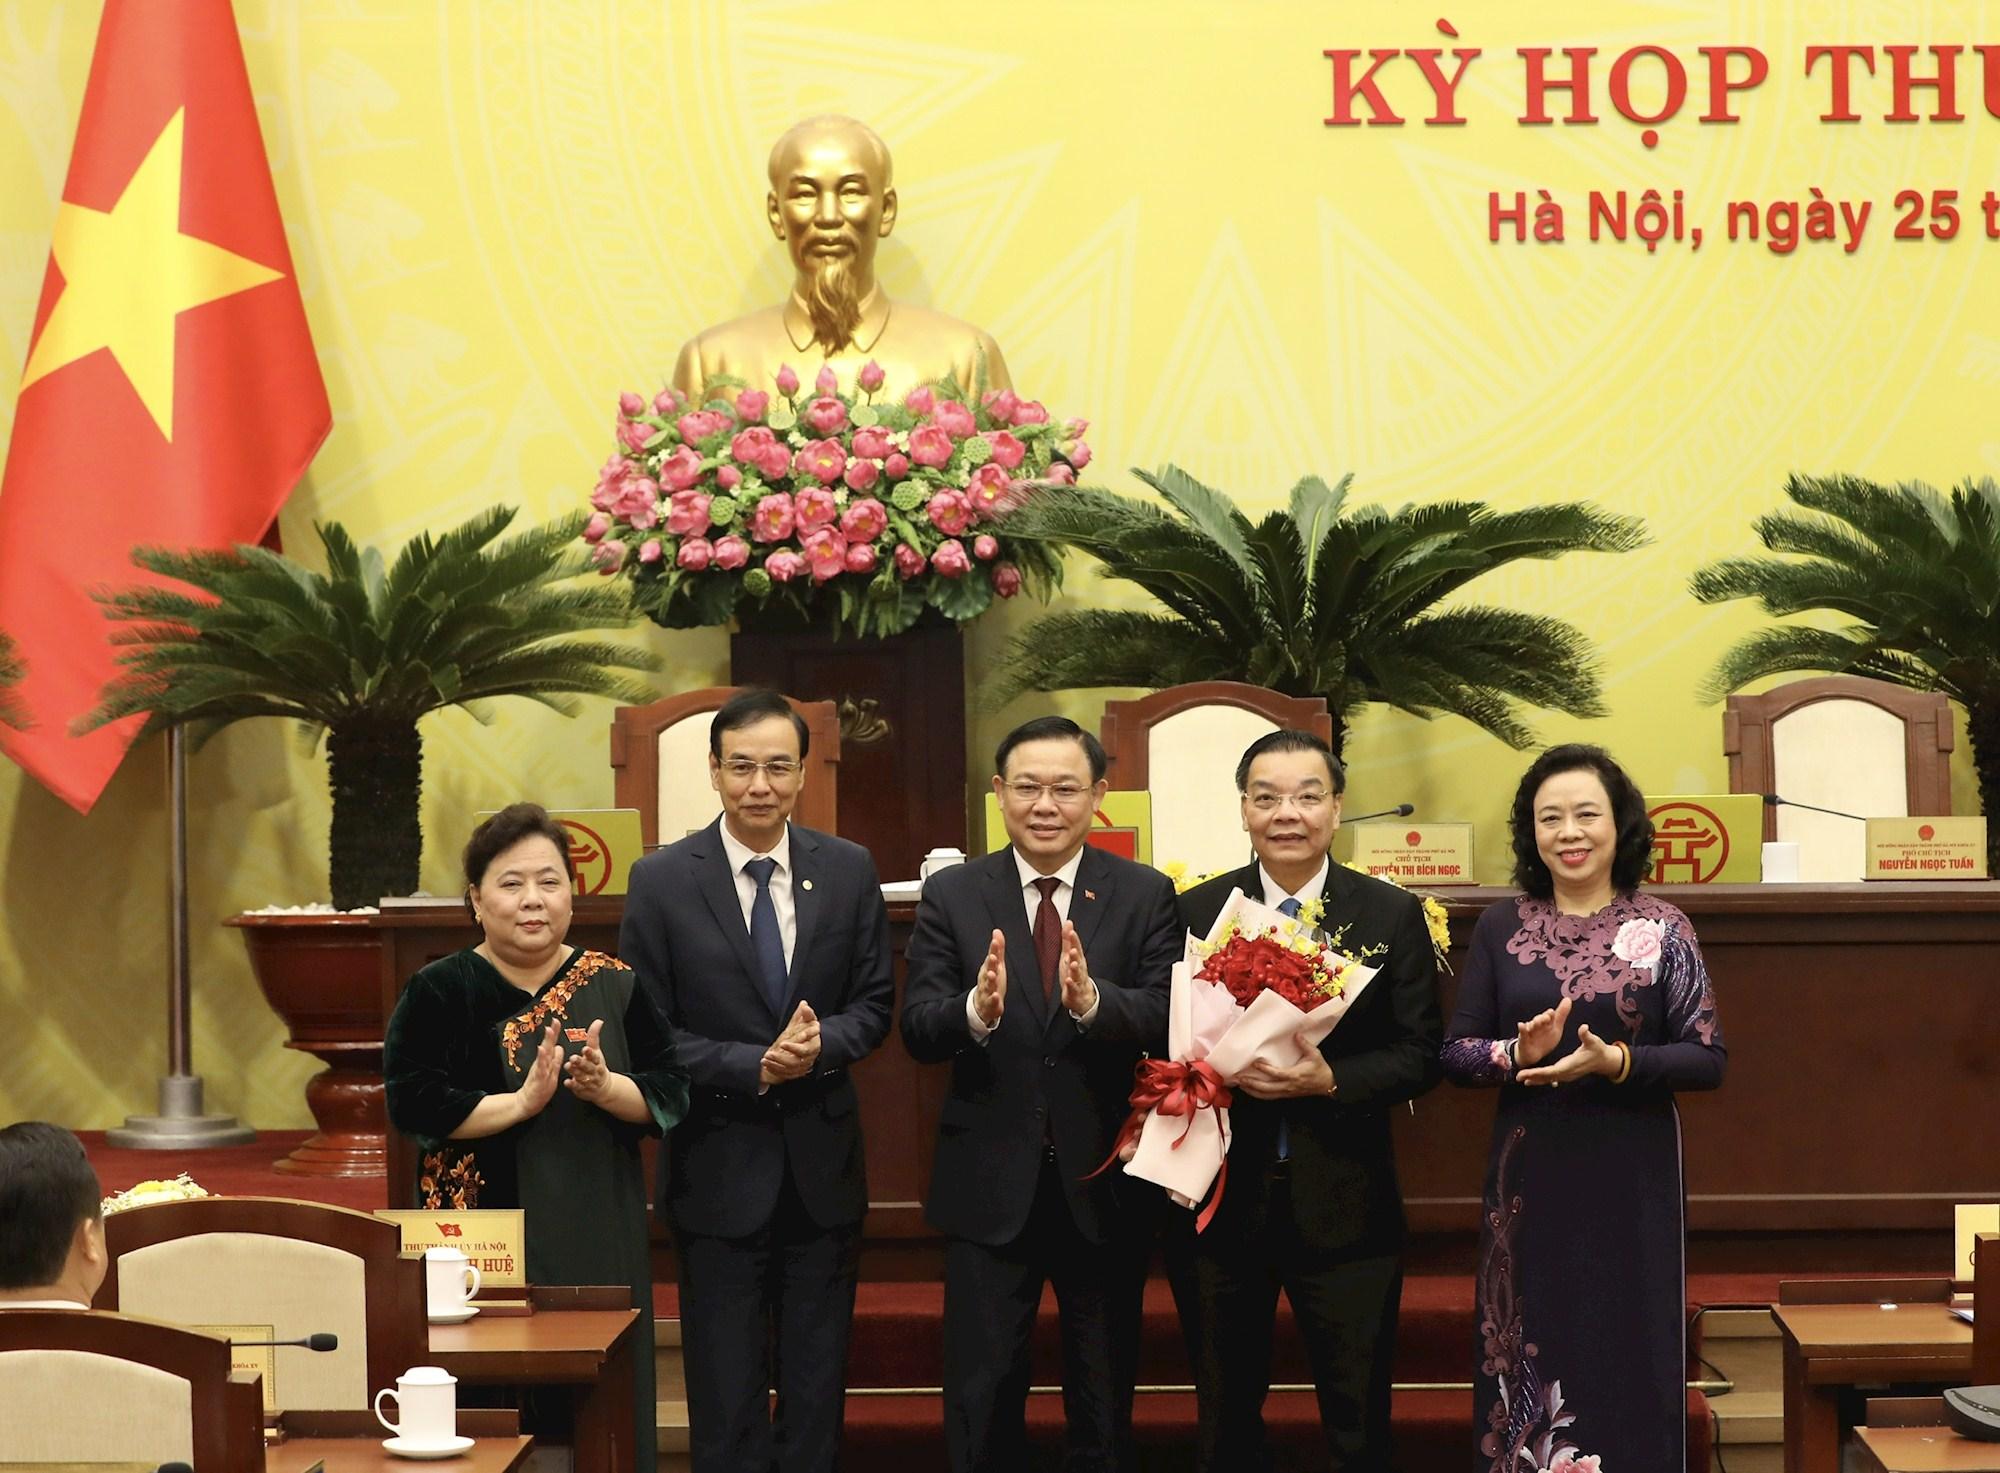 Ông Chu Ngọc Anh chính thức làm Chủ tịch UBND TP Hà Nội - Ảnh 1.